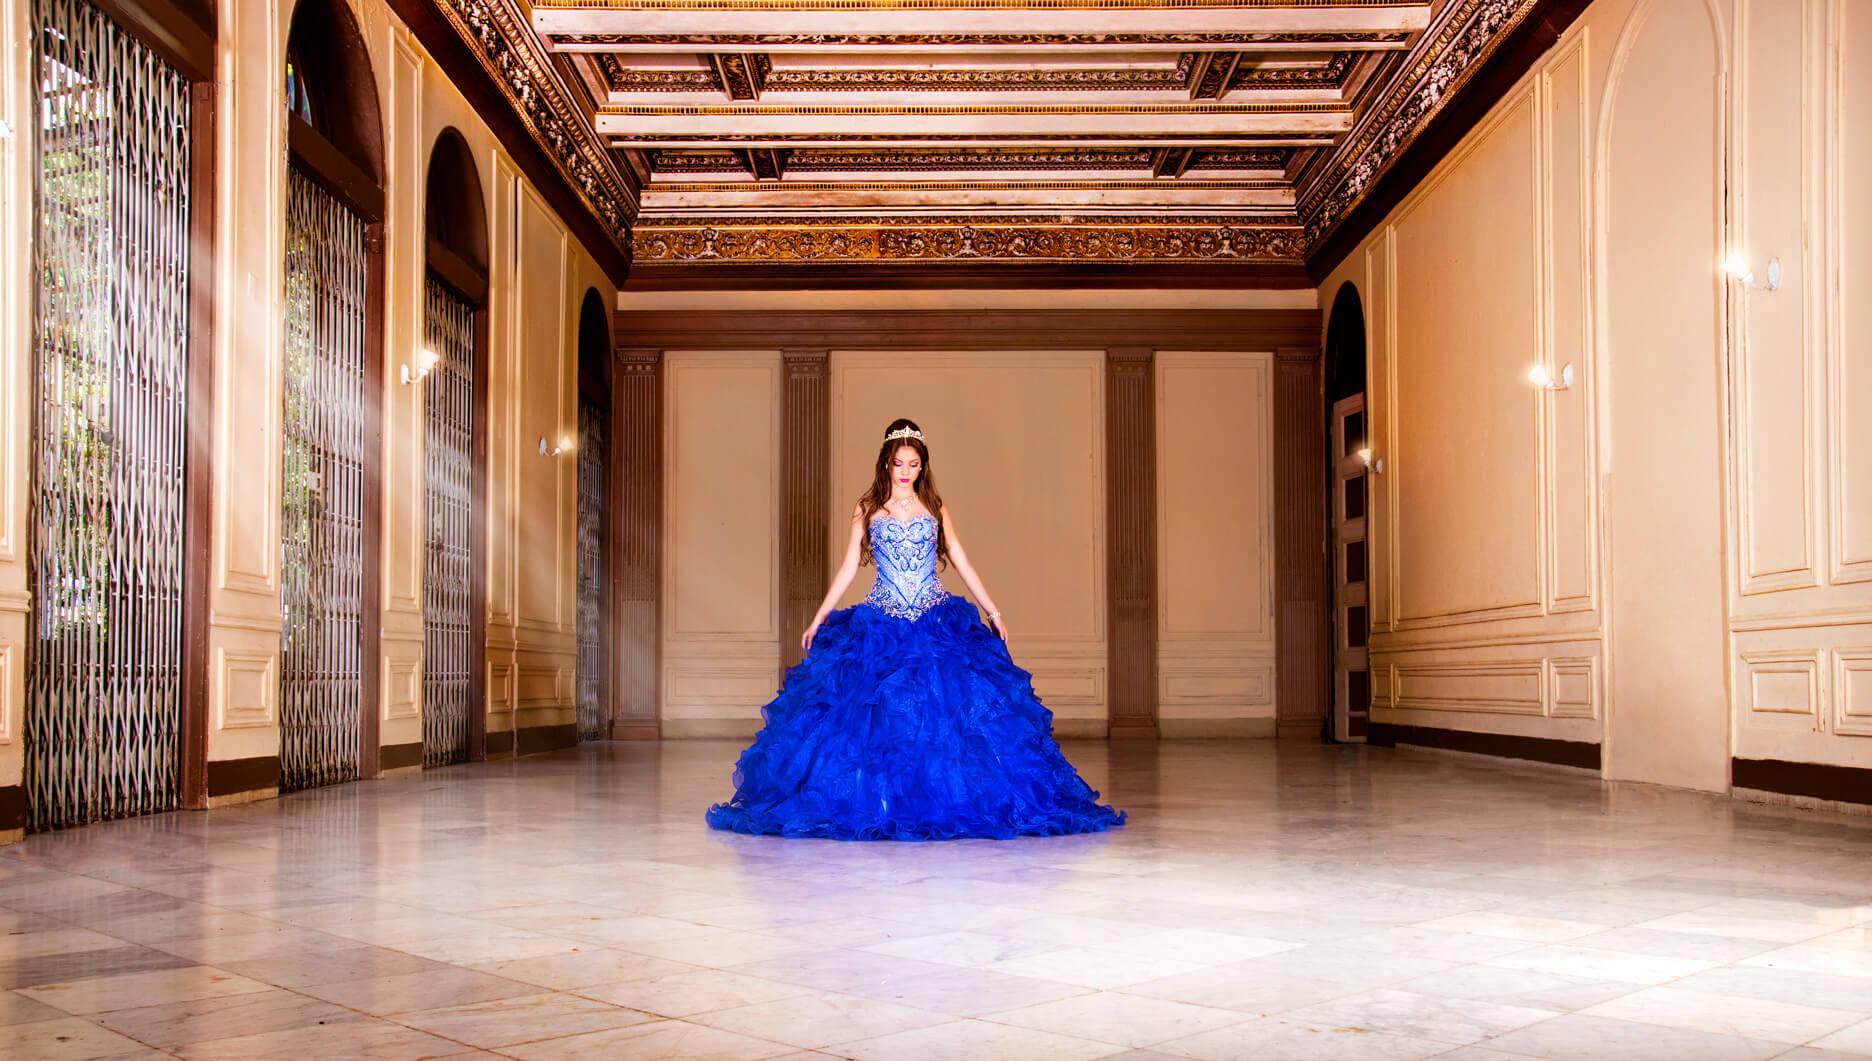 quinceañera en traje de color azul posando en el centro de un salón